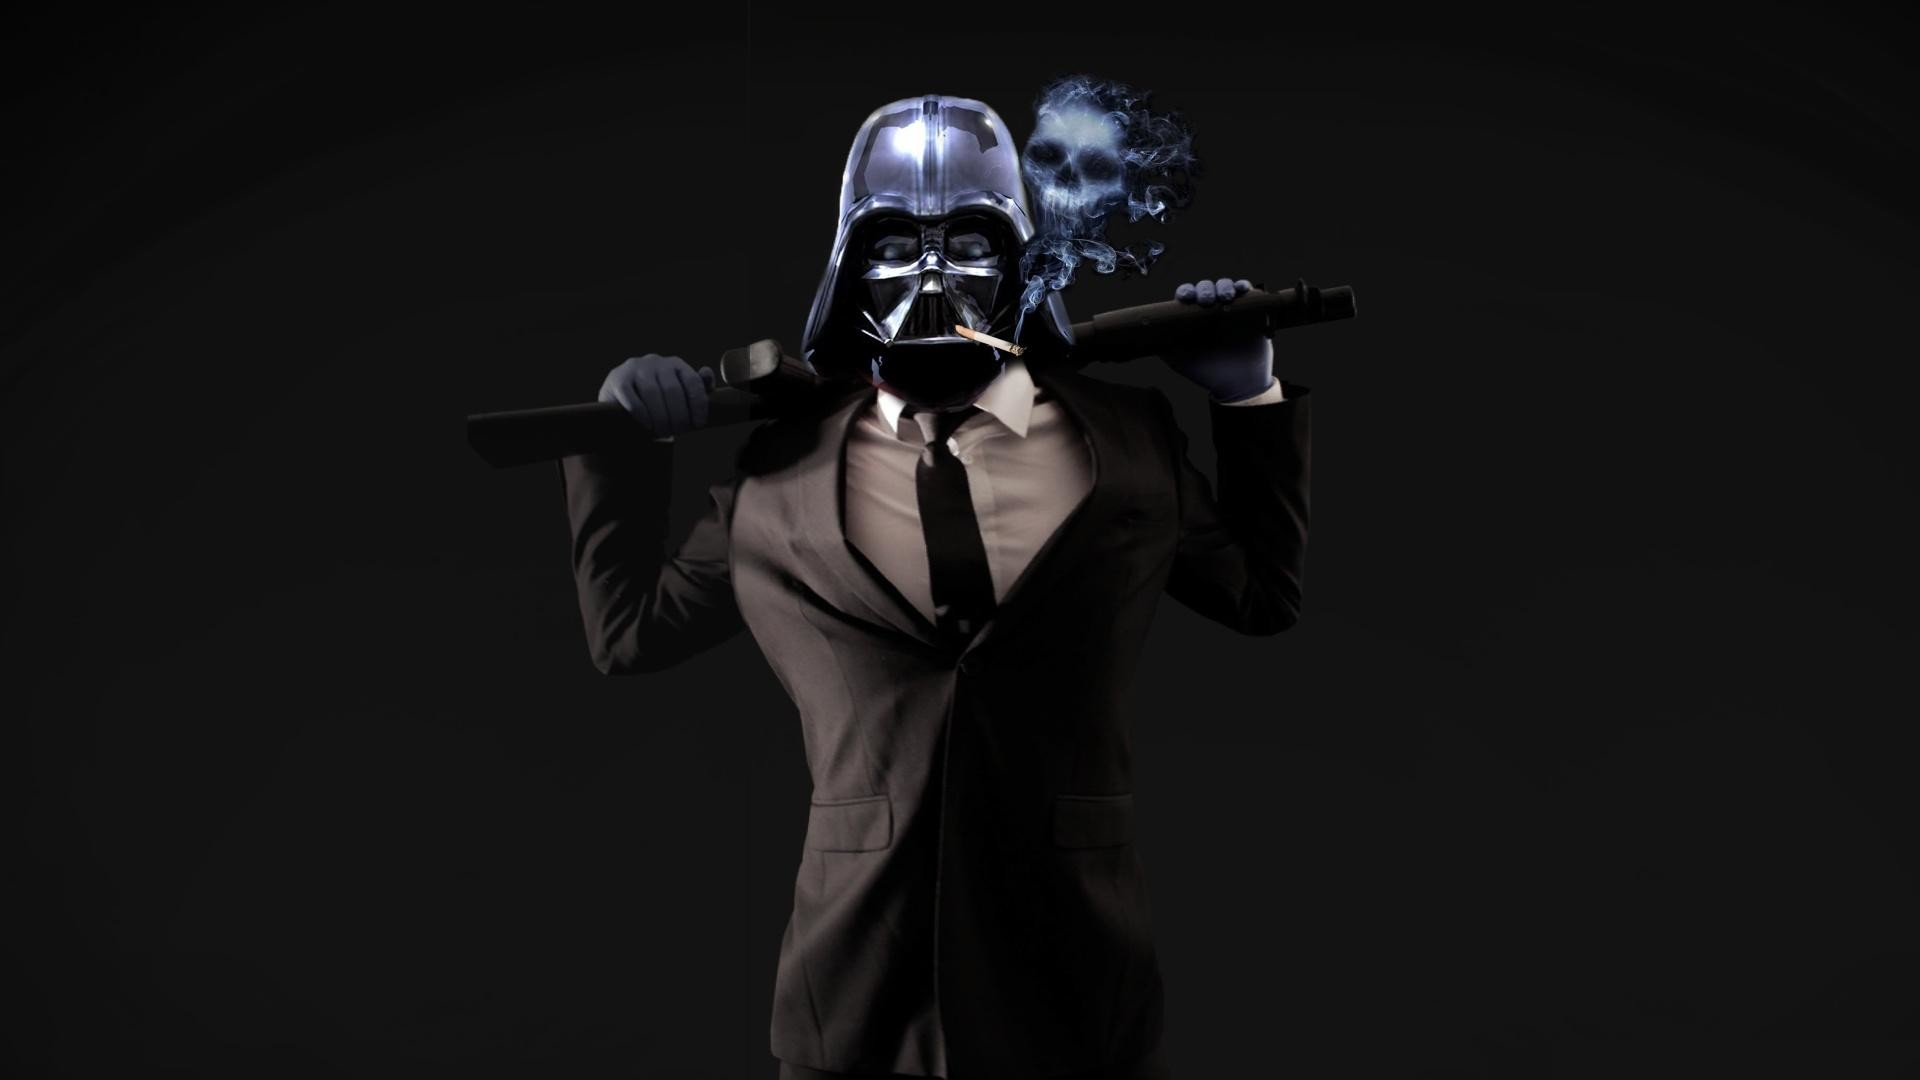 Darth Vader HD Wallpaper #1979